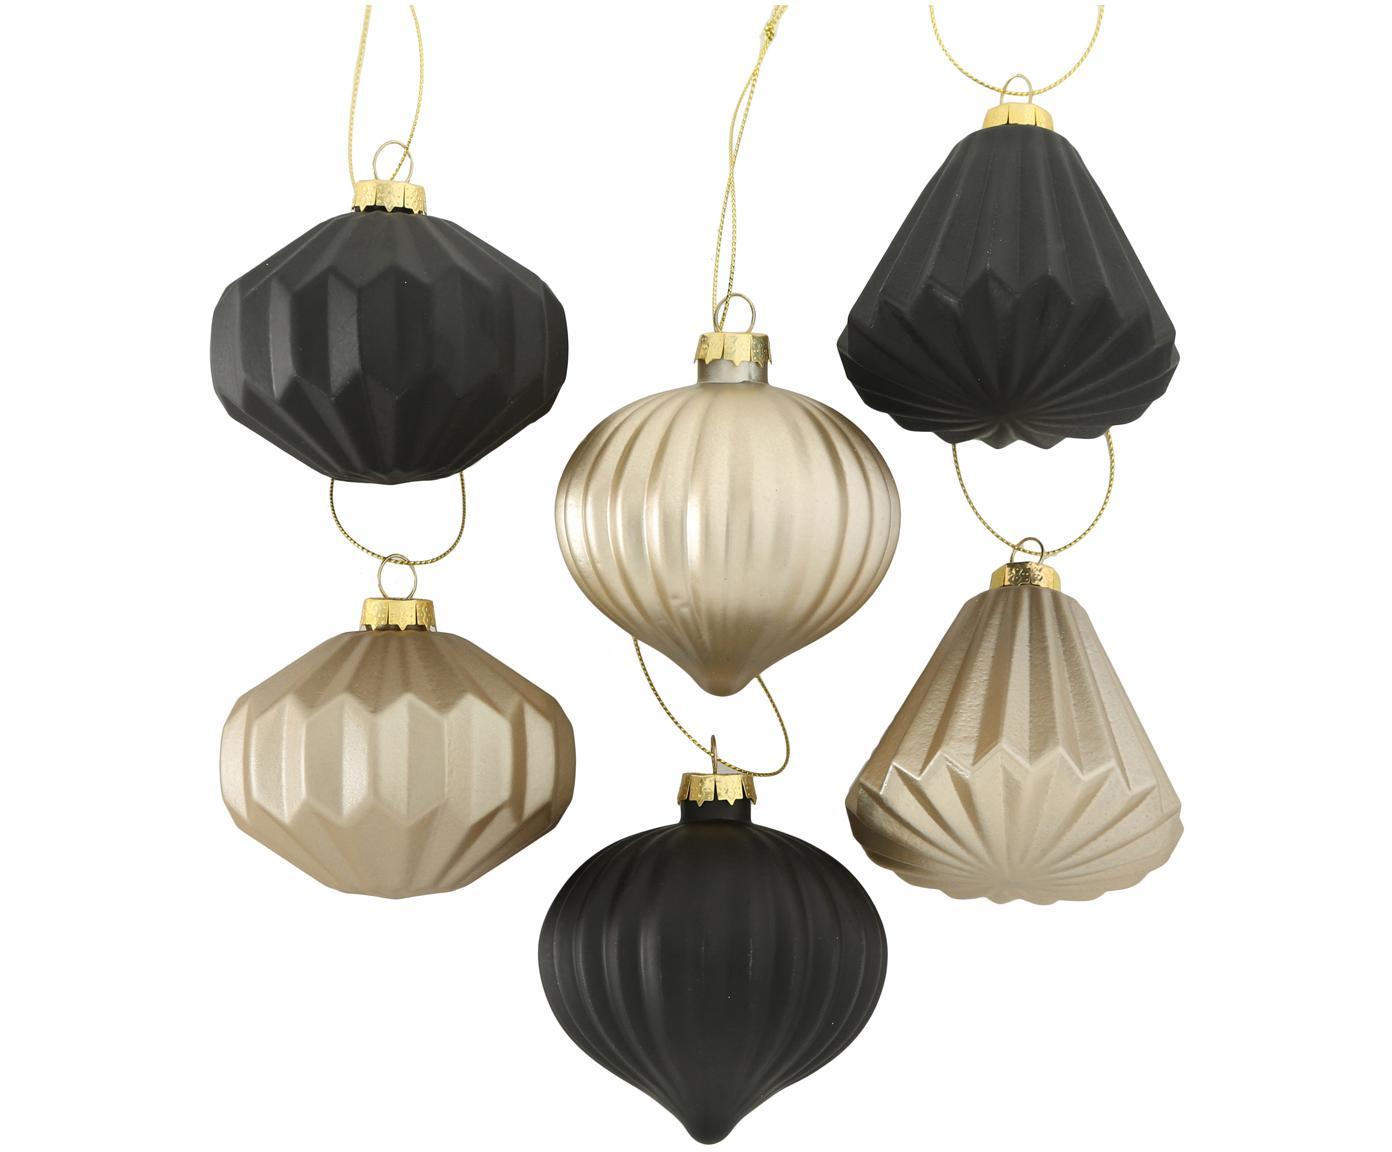 Komplet ozdób choinkowych Origami, 6elem., Czarny, odcienie szampańskiego, Ø 8 x W 8 cm